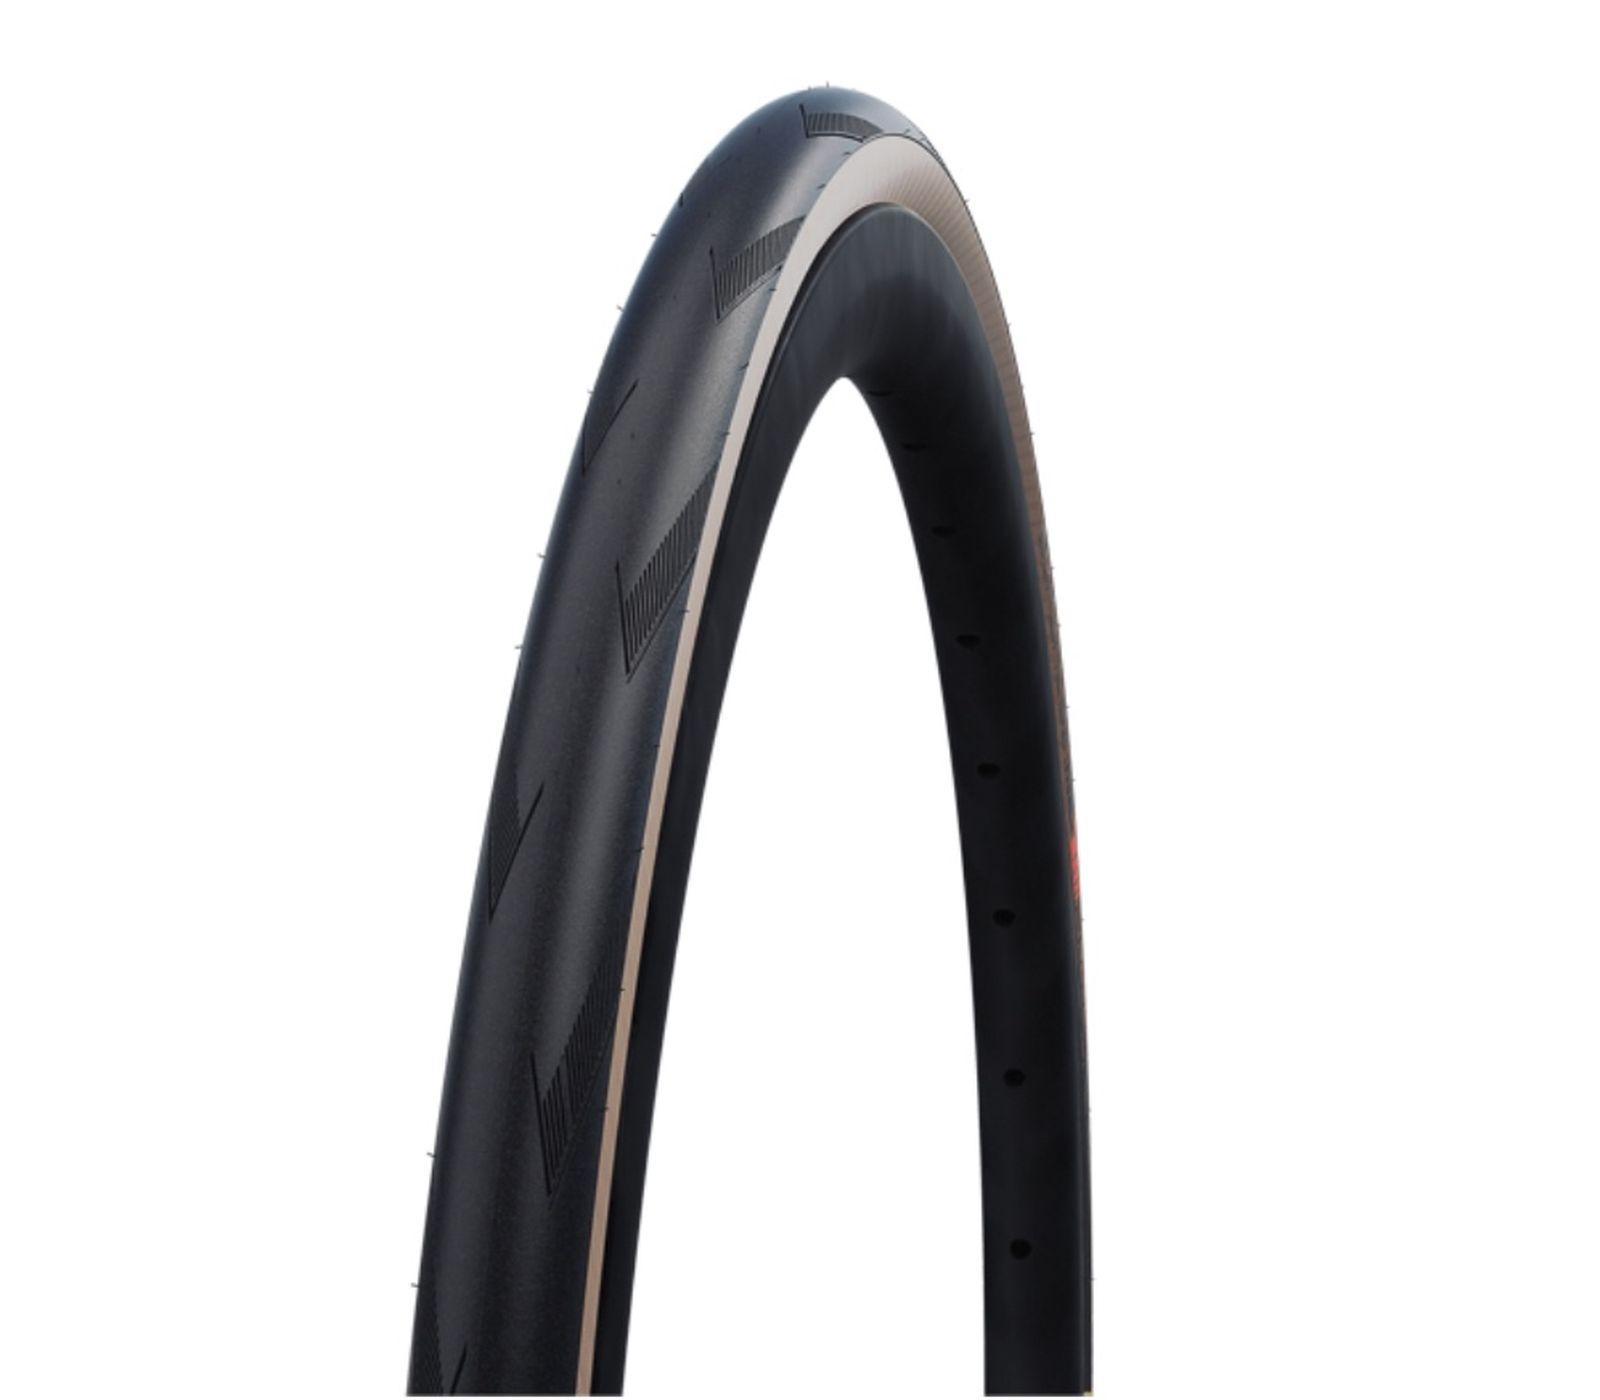 Schwalbe Pro 1 side best road bike tires